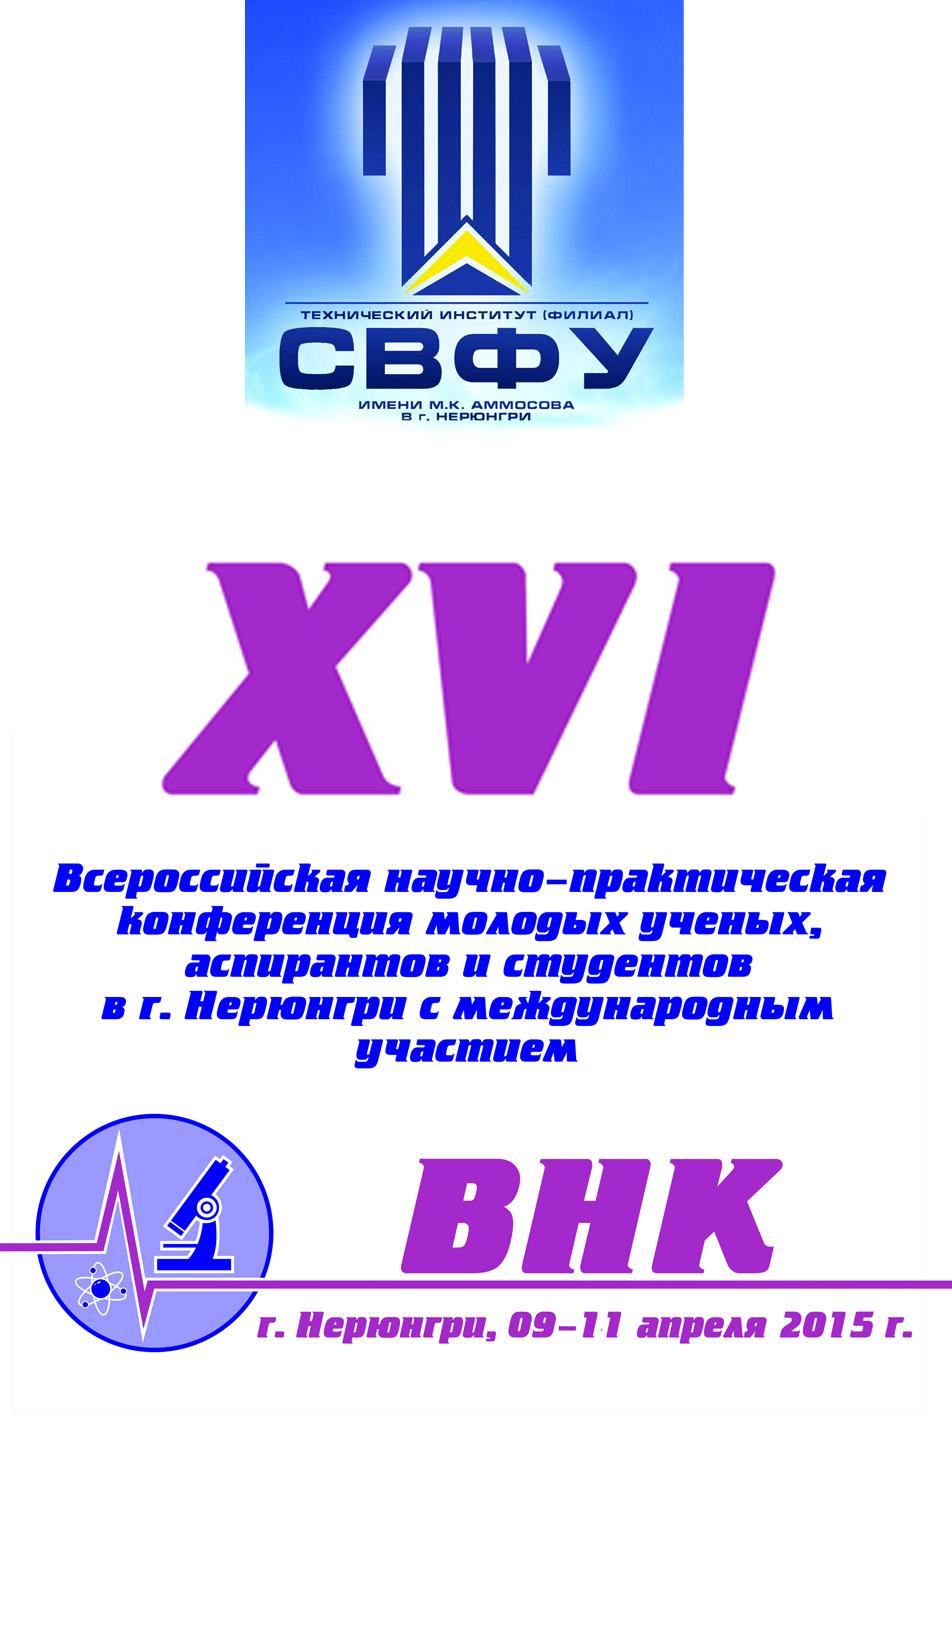 XVI всероссийской научно-практической конференции